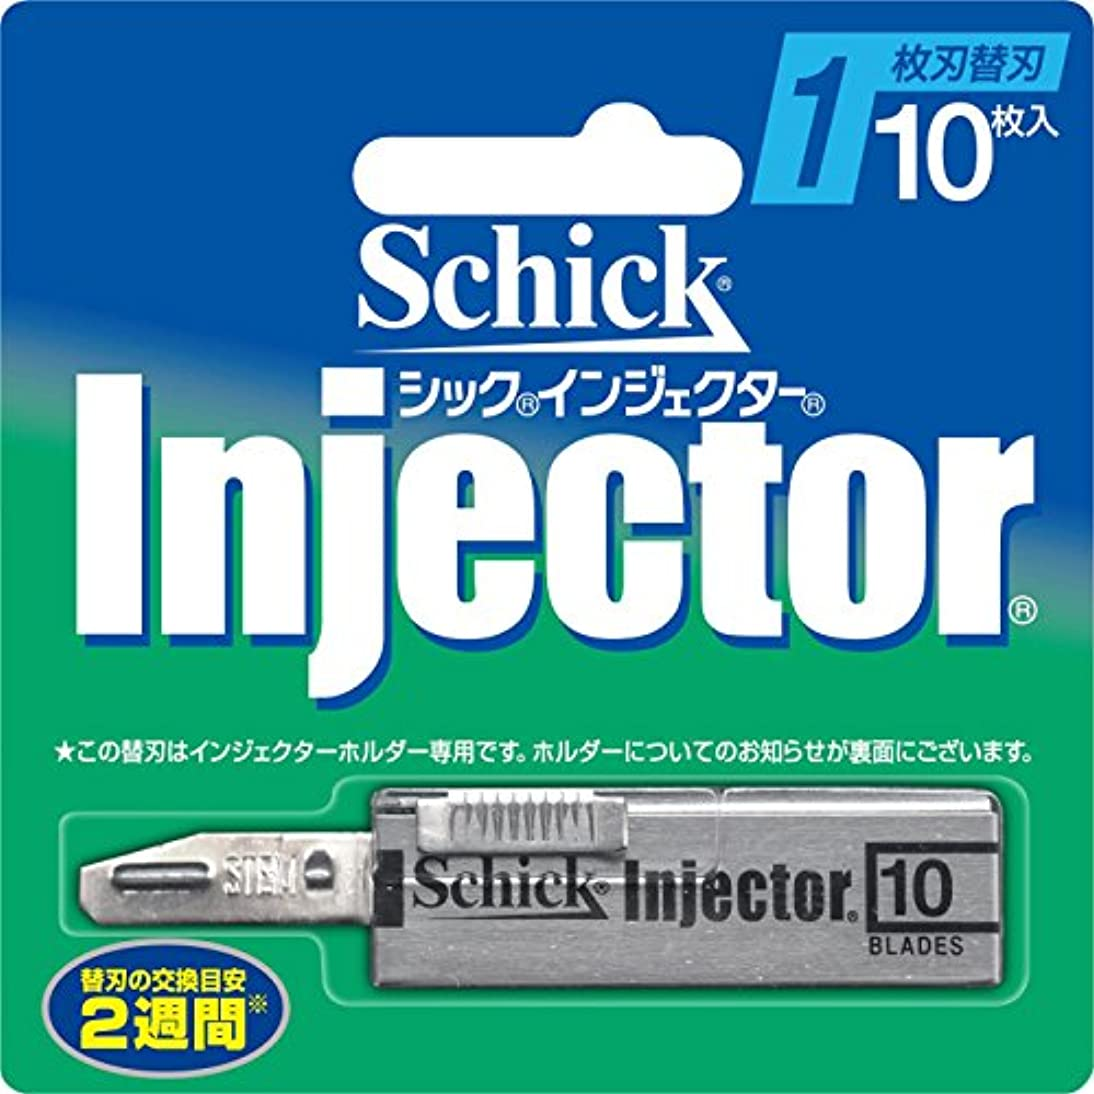 ピービッシュ経験的ナットシック インジエクター 1枚刃 替刃 10枚入